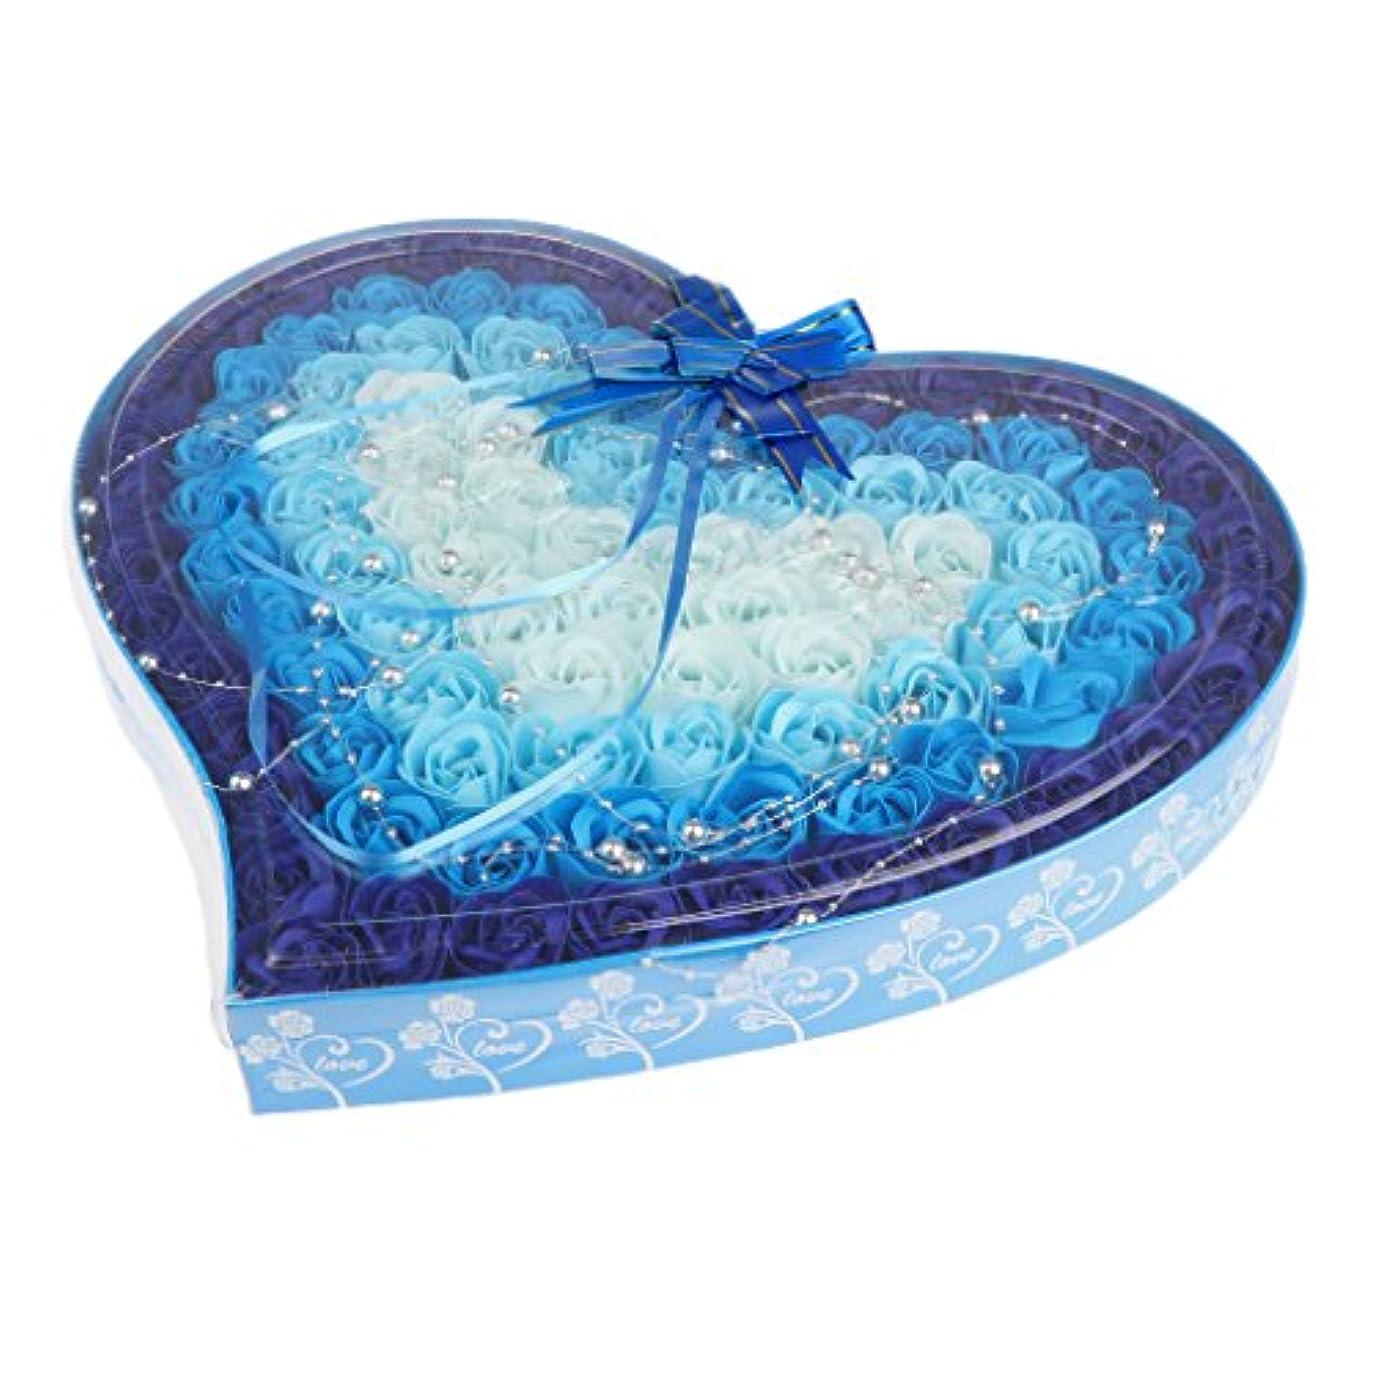 トラブル所有権プレビスサイトFenteer ソープフラワー  約100個 心の形 ギフトボックス 石鹸の花 誕生日  プレゼント 全4色選べる - 青